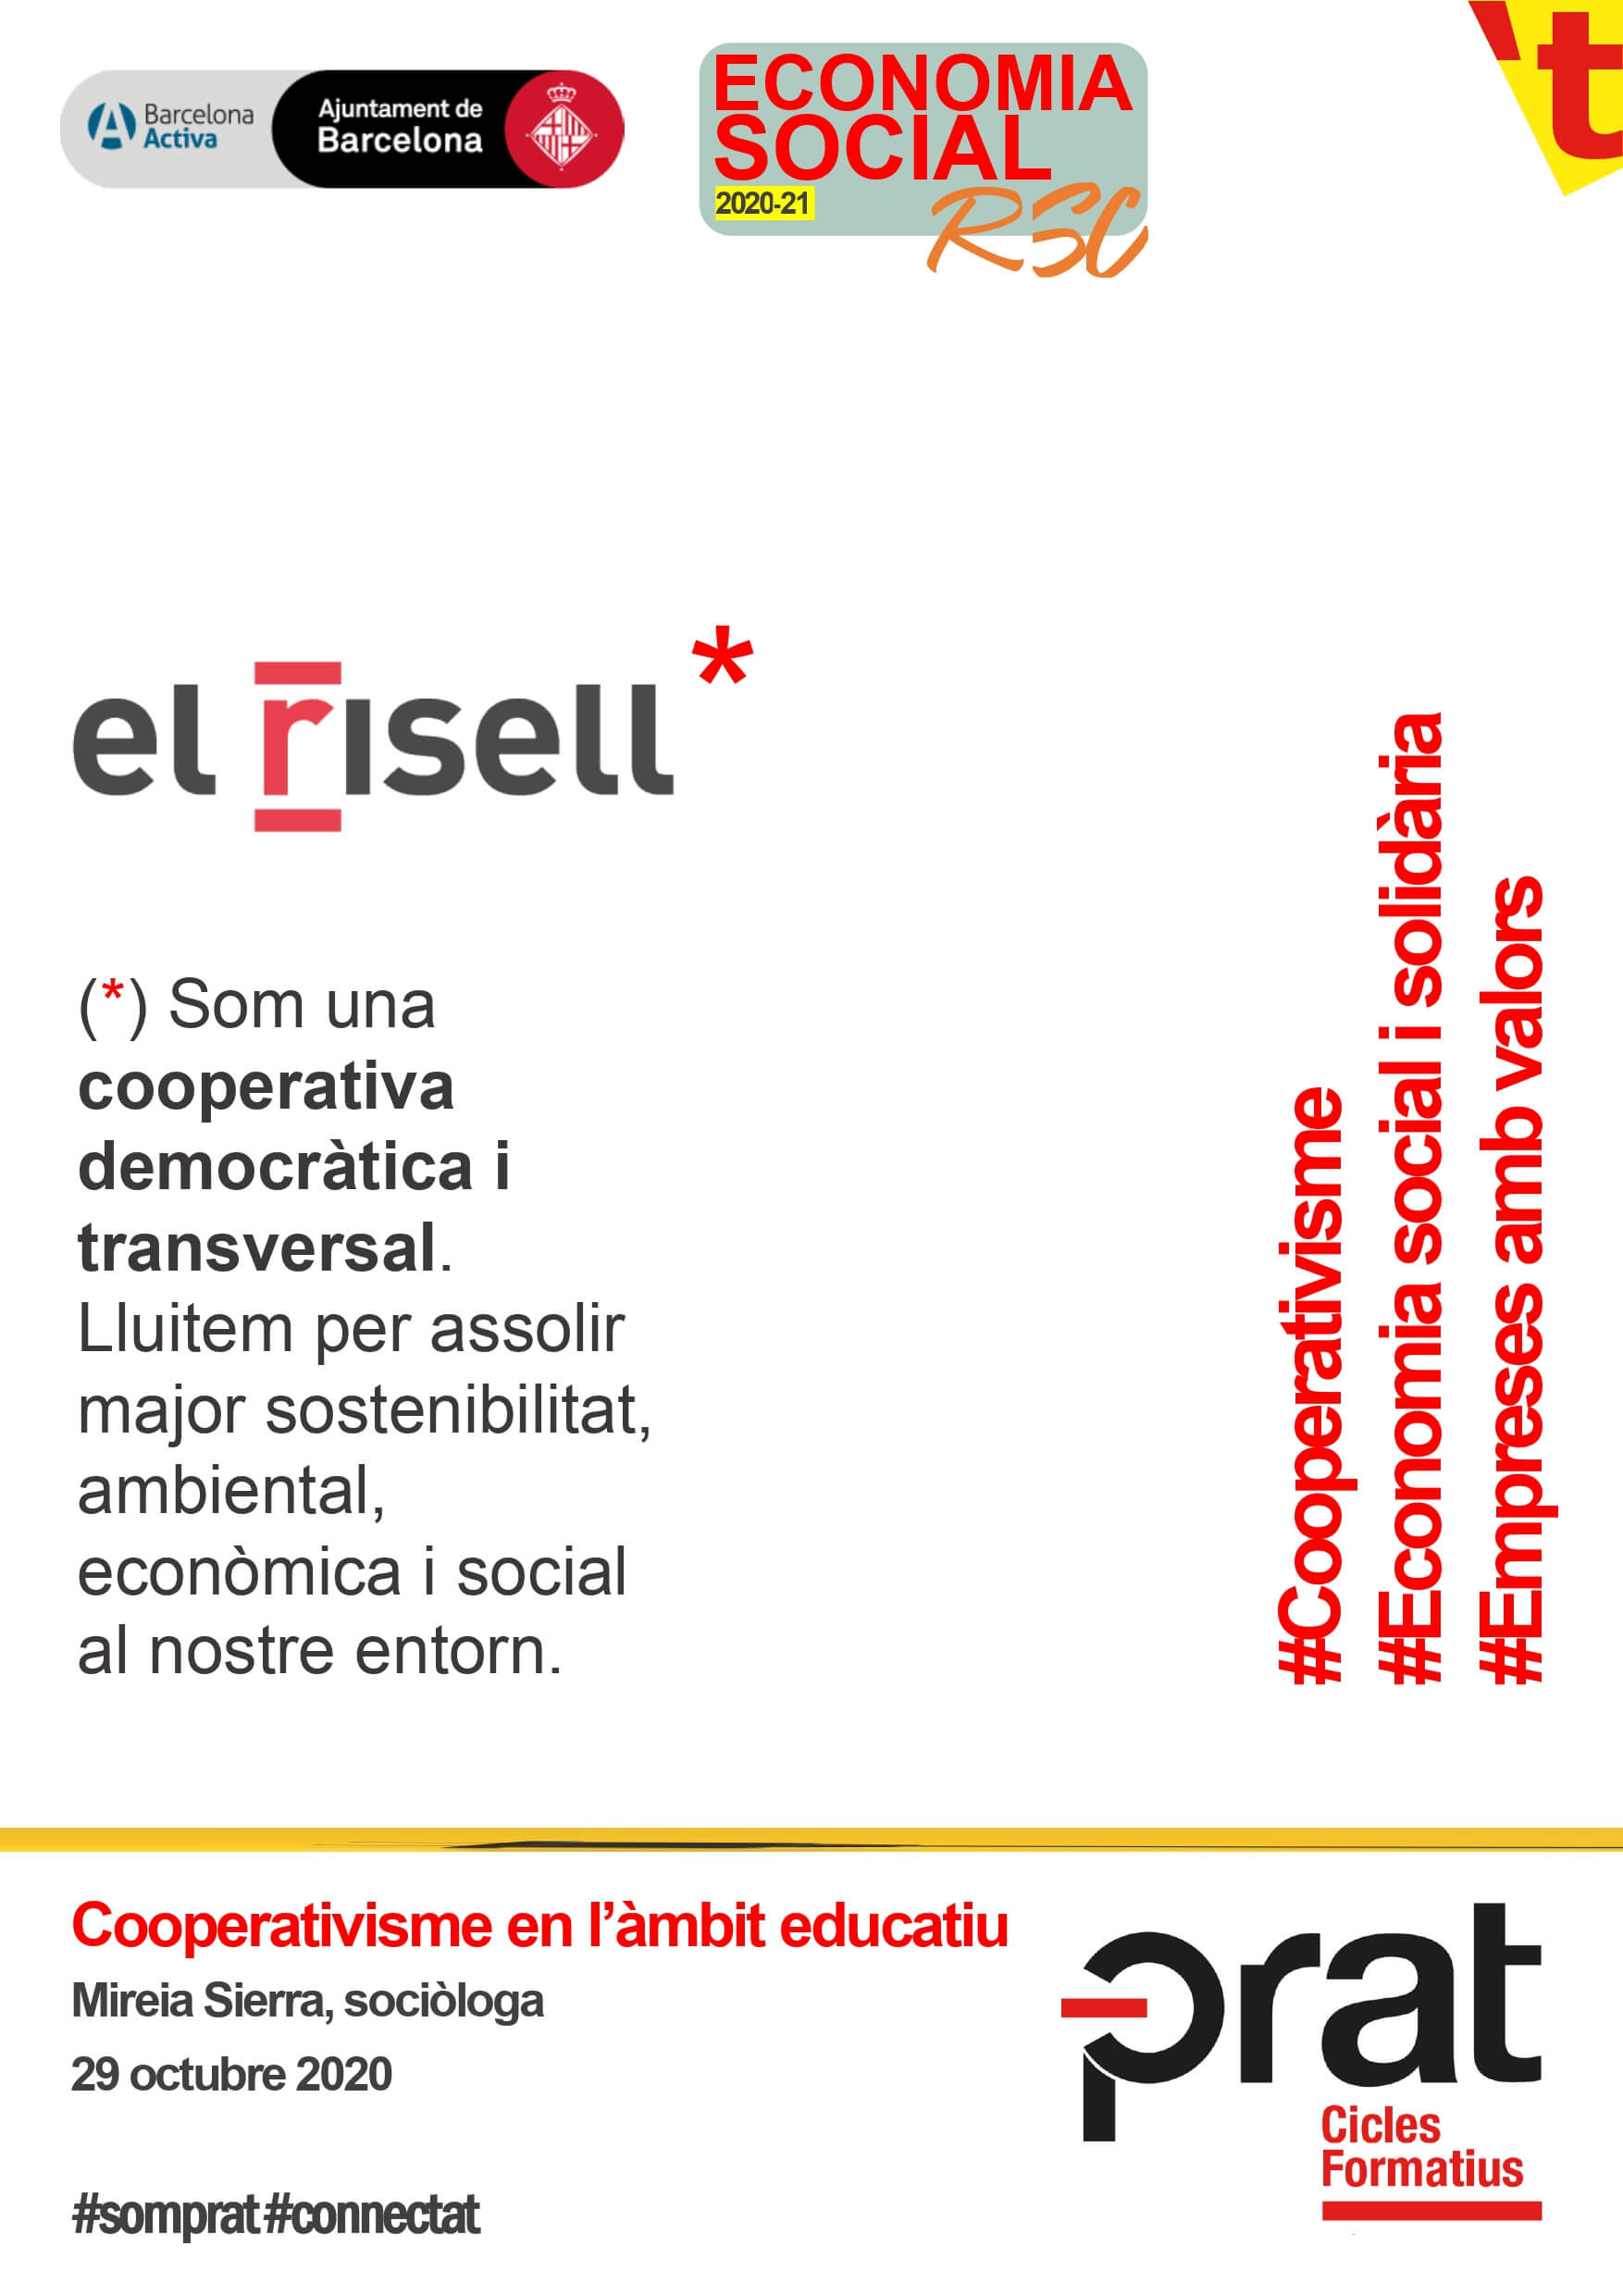 Cooperativisme en l'àmbit educatiu